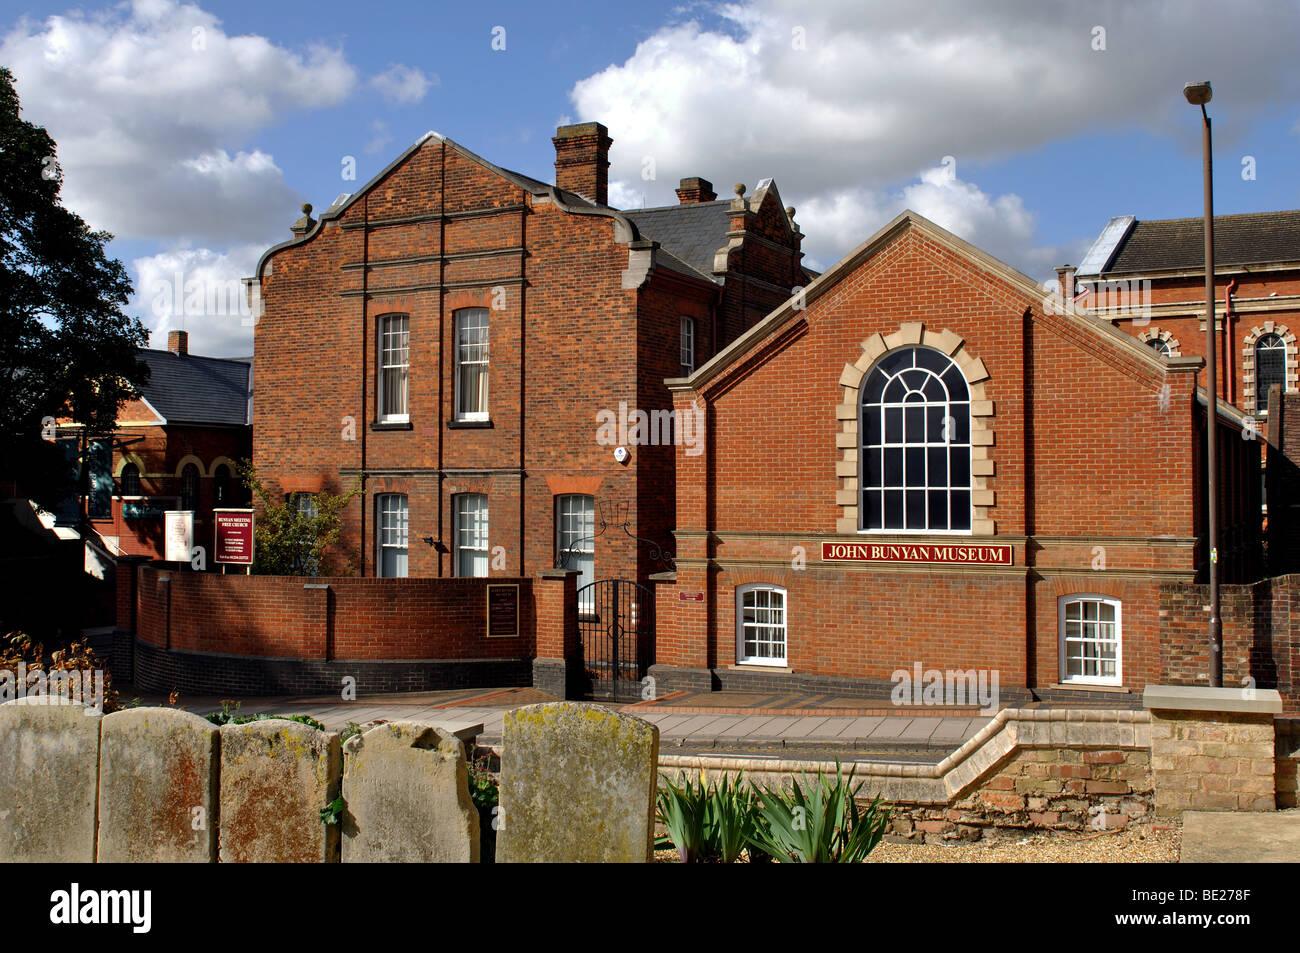 Bedfordshire sites de rencontre rencontre Crystal partie 2 Walkthrough